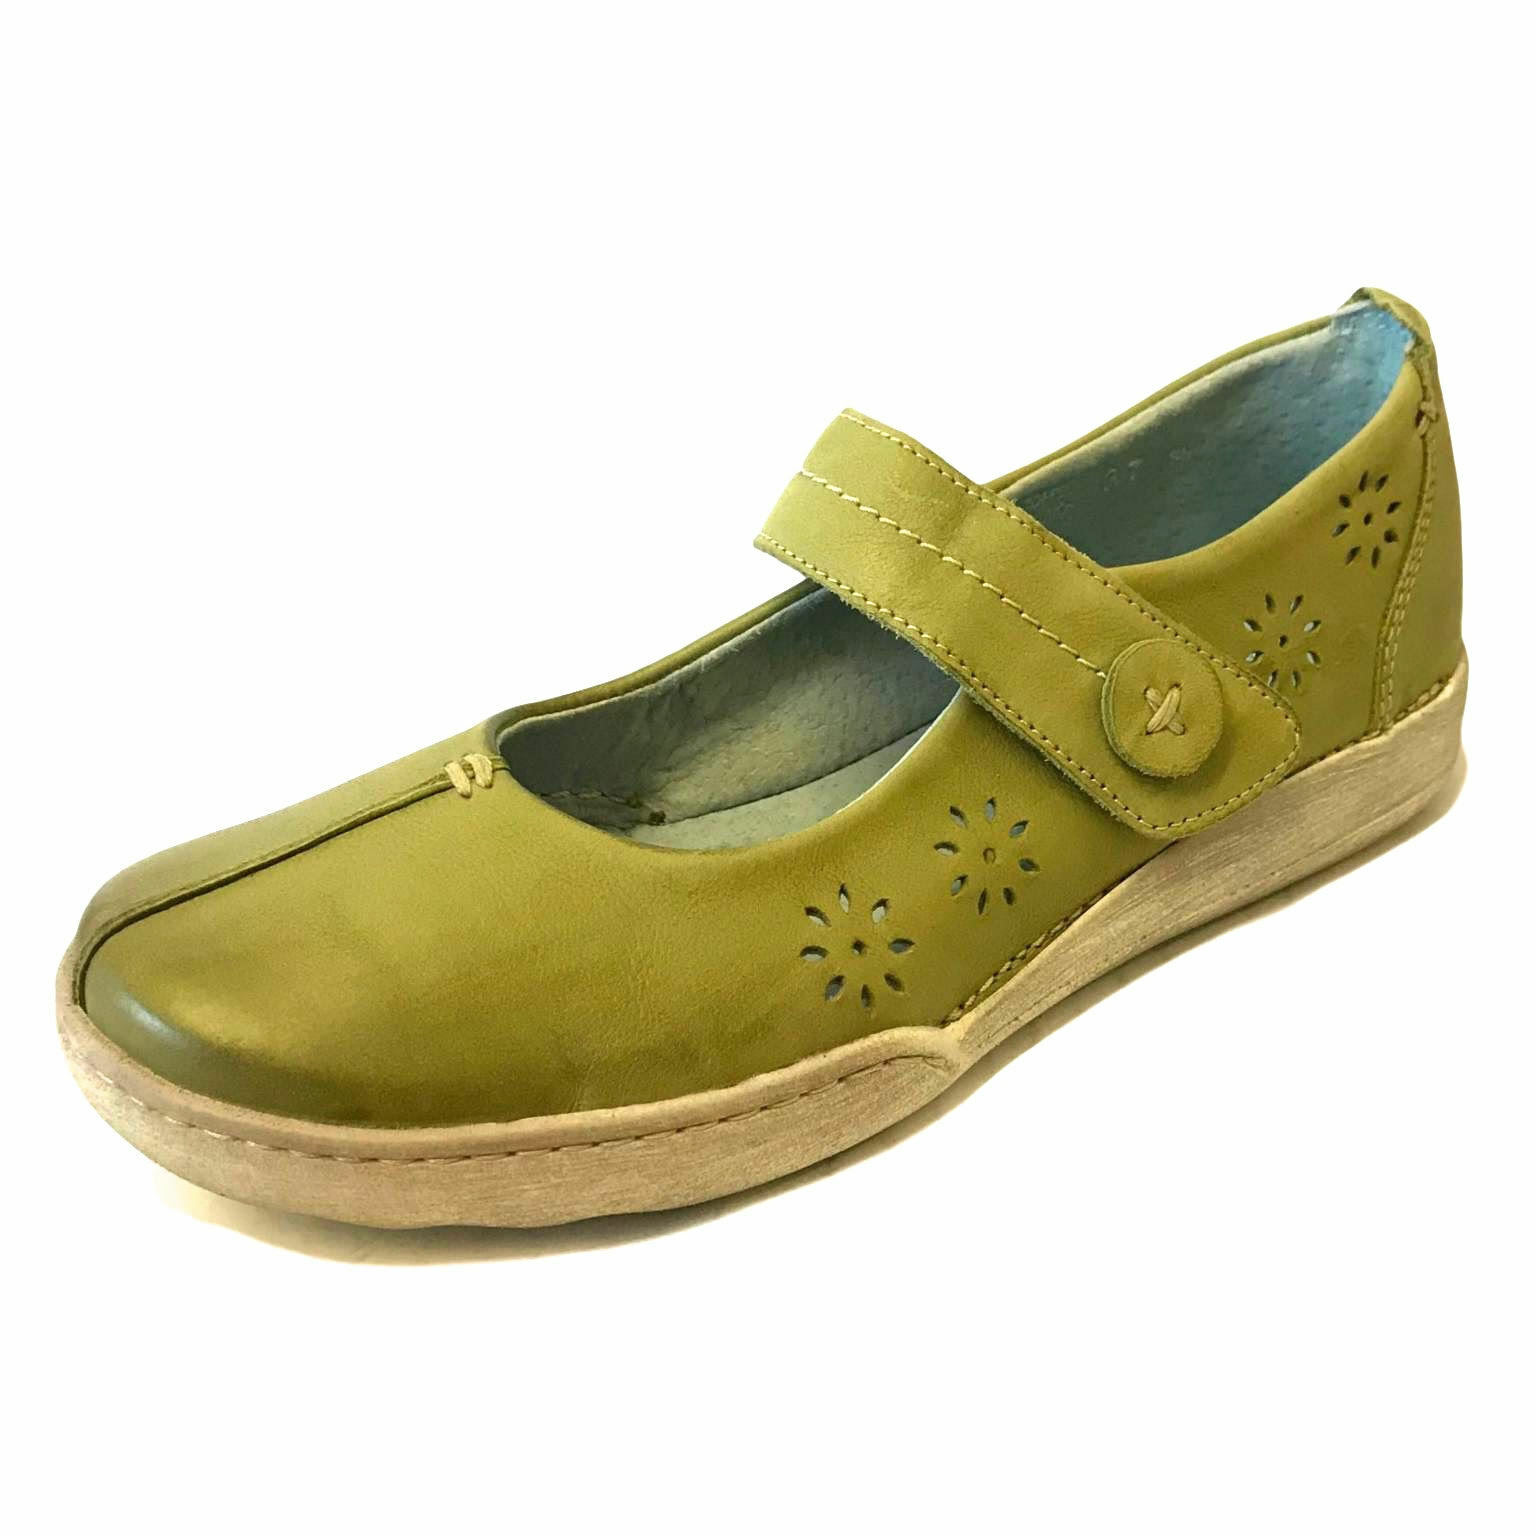 Moshulu Señoras Mujeres De Cuero Cuero Cuero Mary Janes entrenadores Slip On Acolchado Comodidad Zapatos  de moda